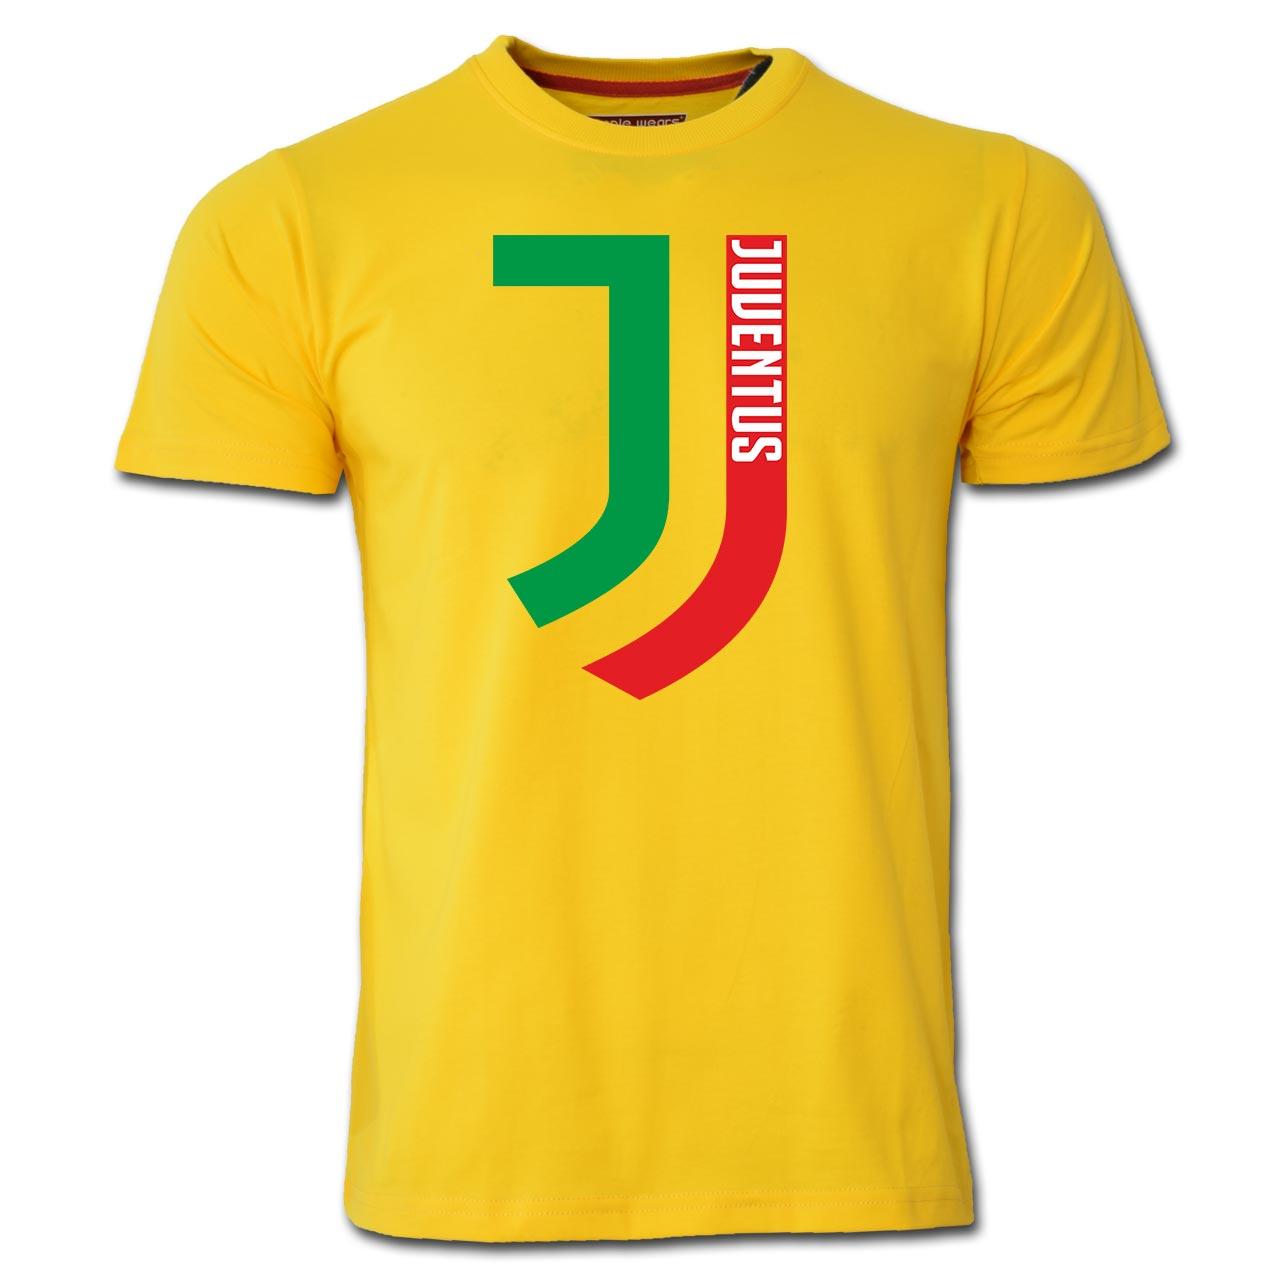 عکس تی شرت مردانه طرح یوونتوس کد 05A3